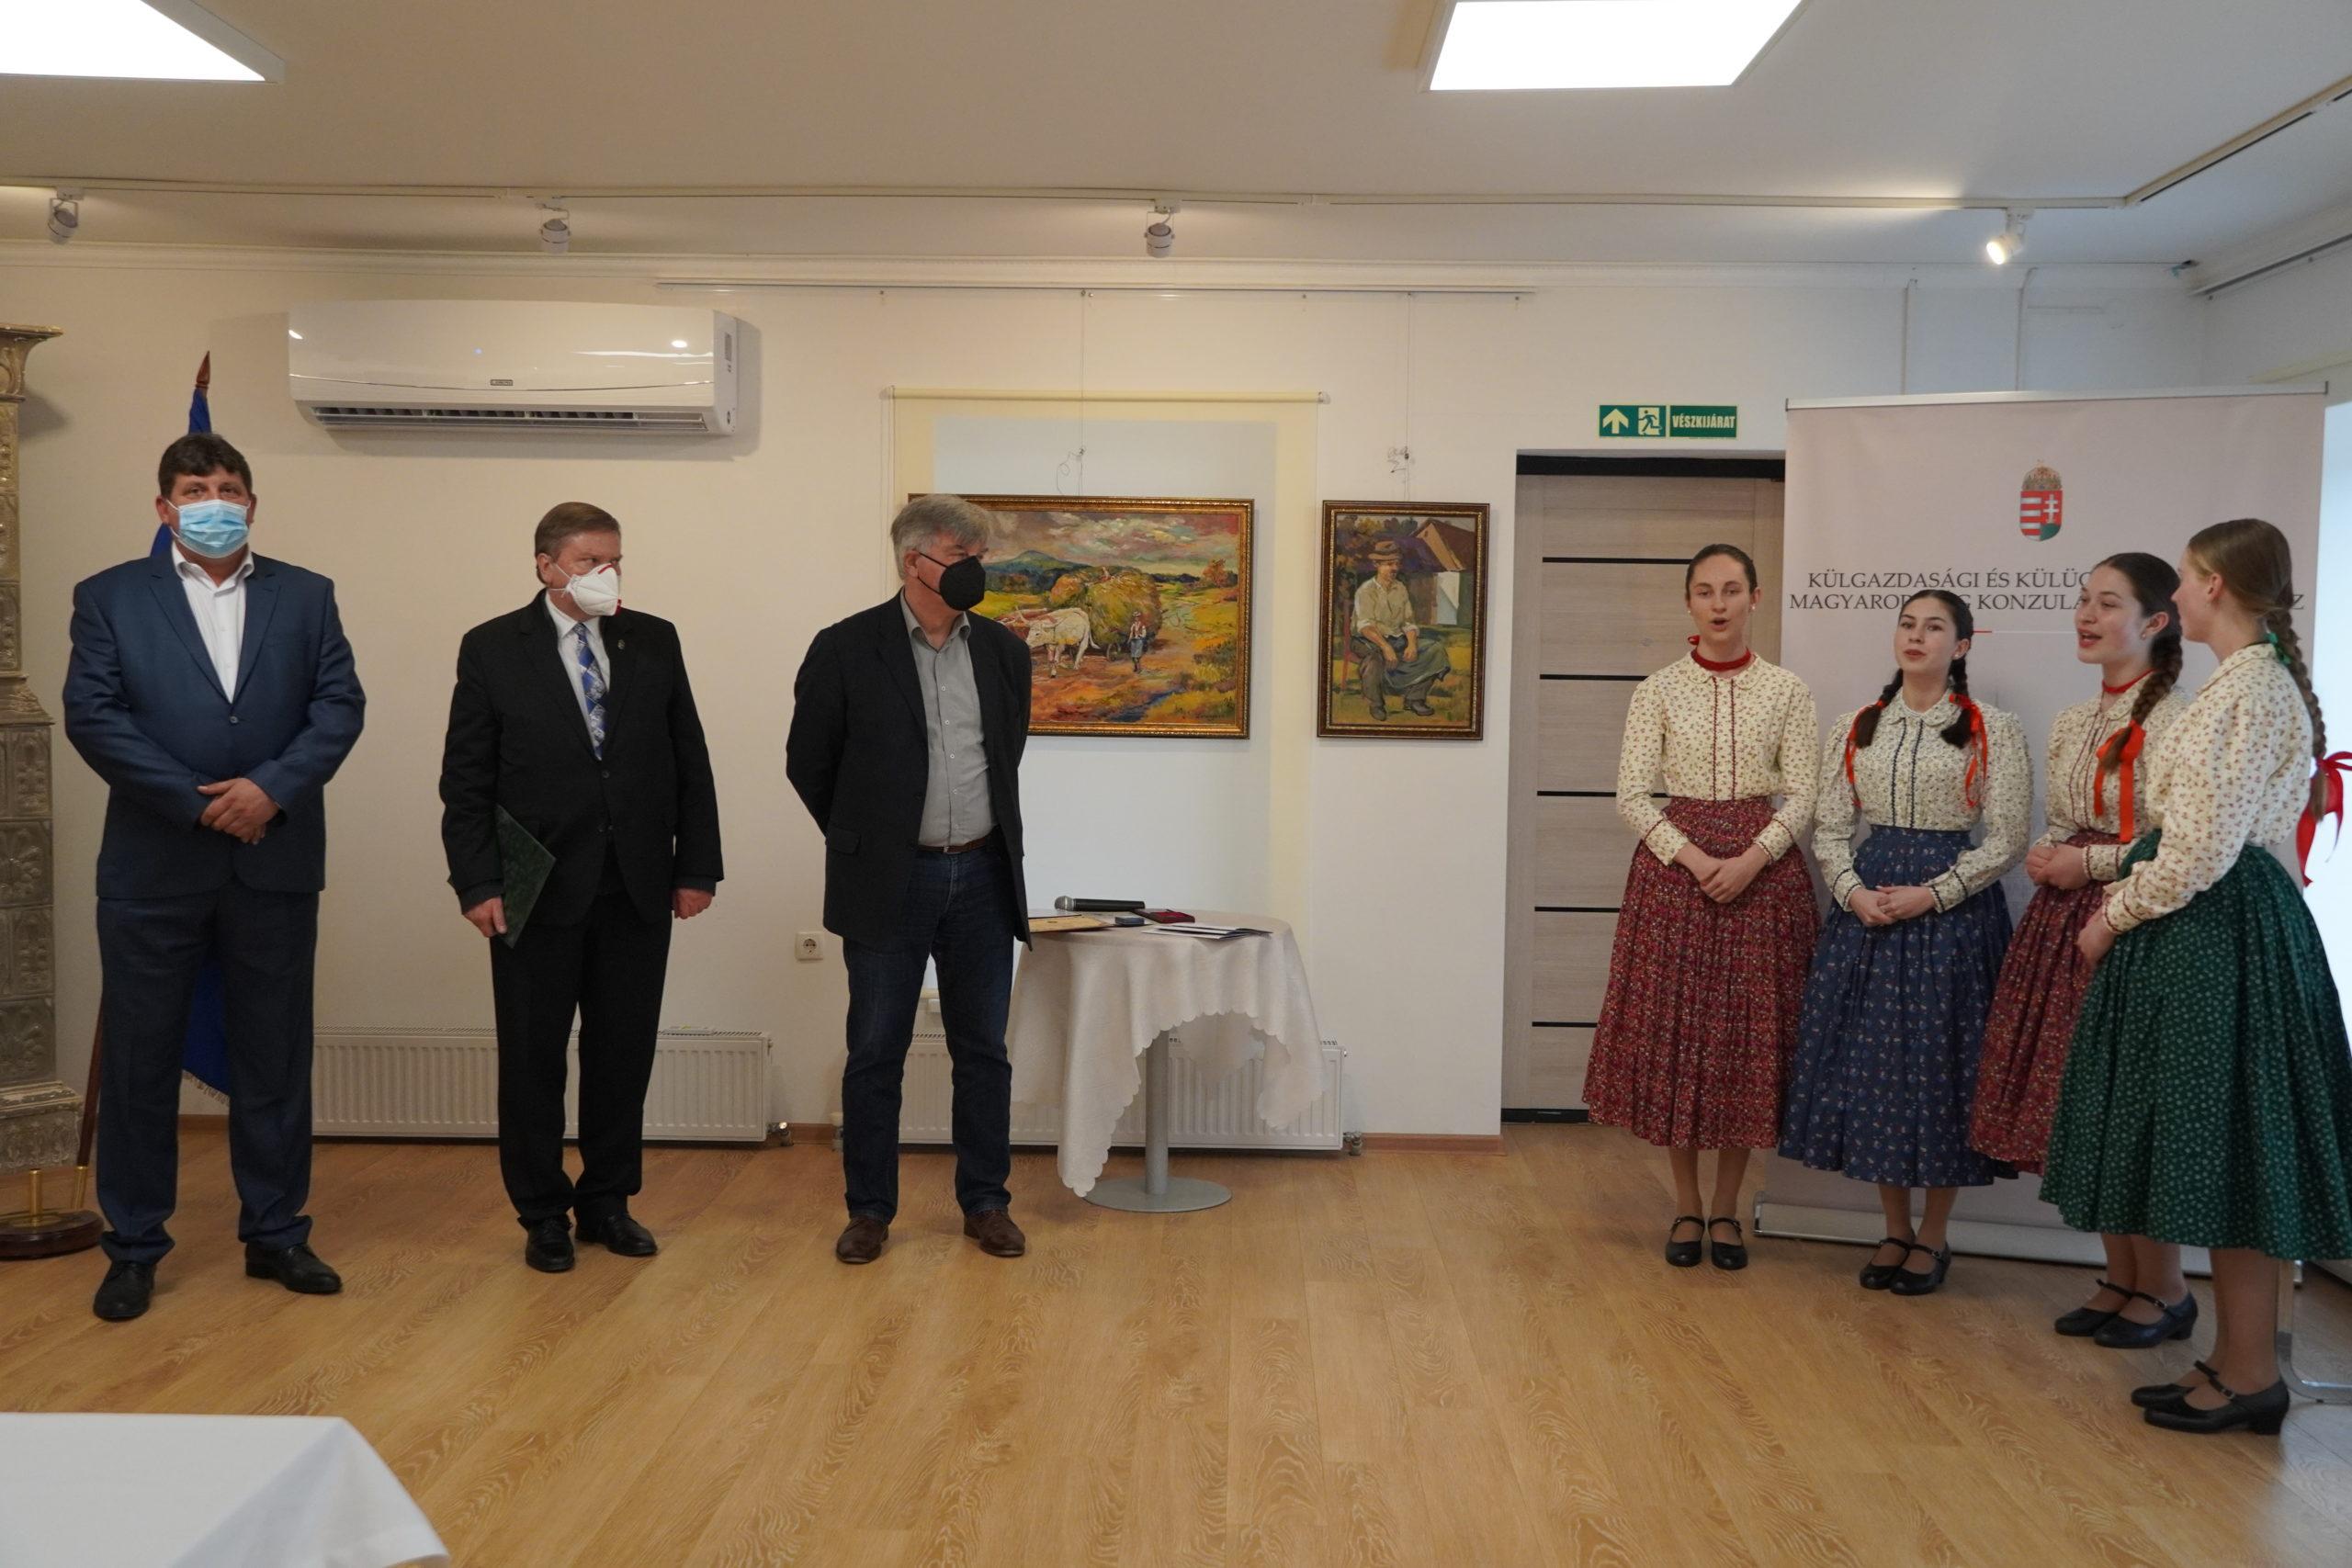 Виставка картин знаного закарпатського художника Міклоша Гарангозо відкрилася у приміщенні Генерального консульства Угорщини у місті Берегово 18 травня.